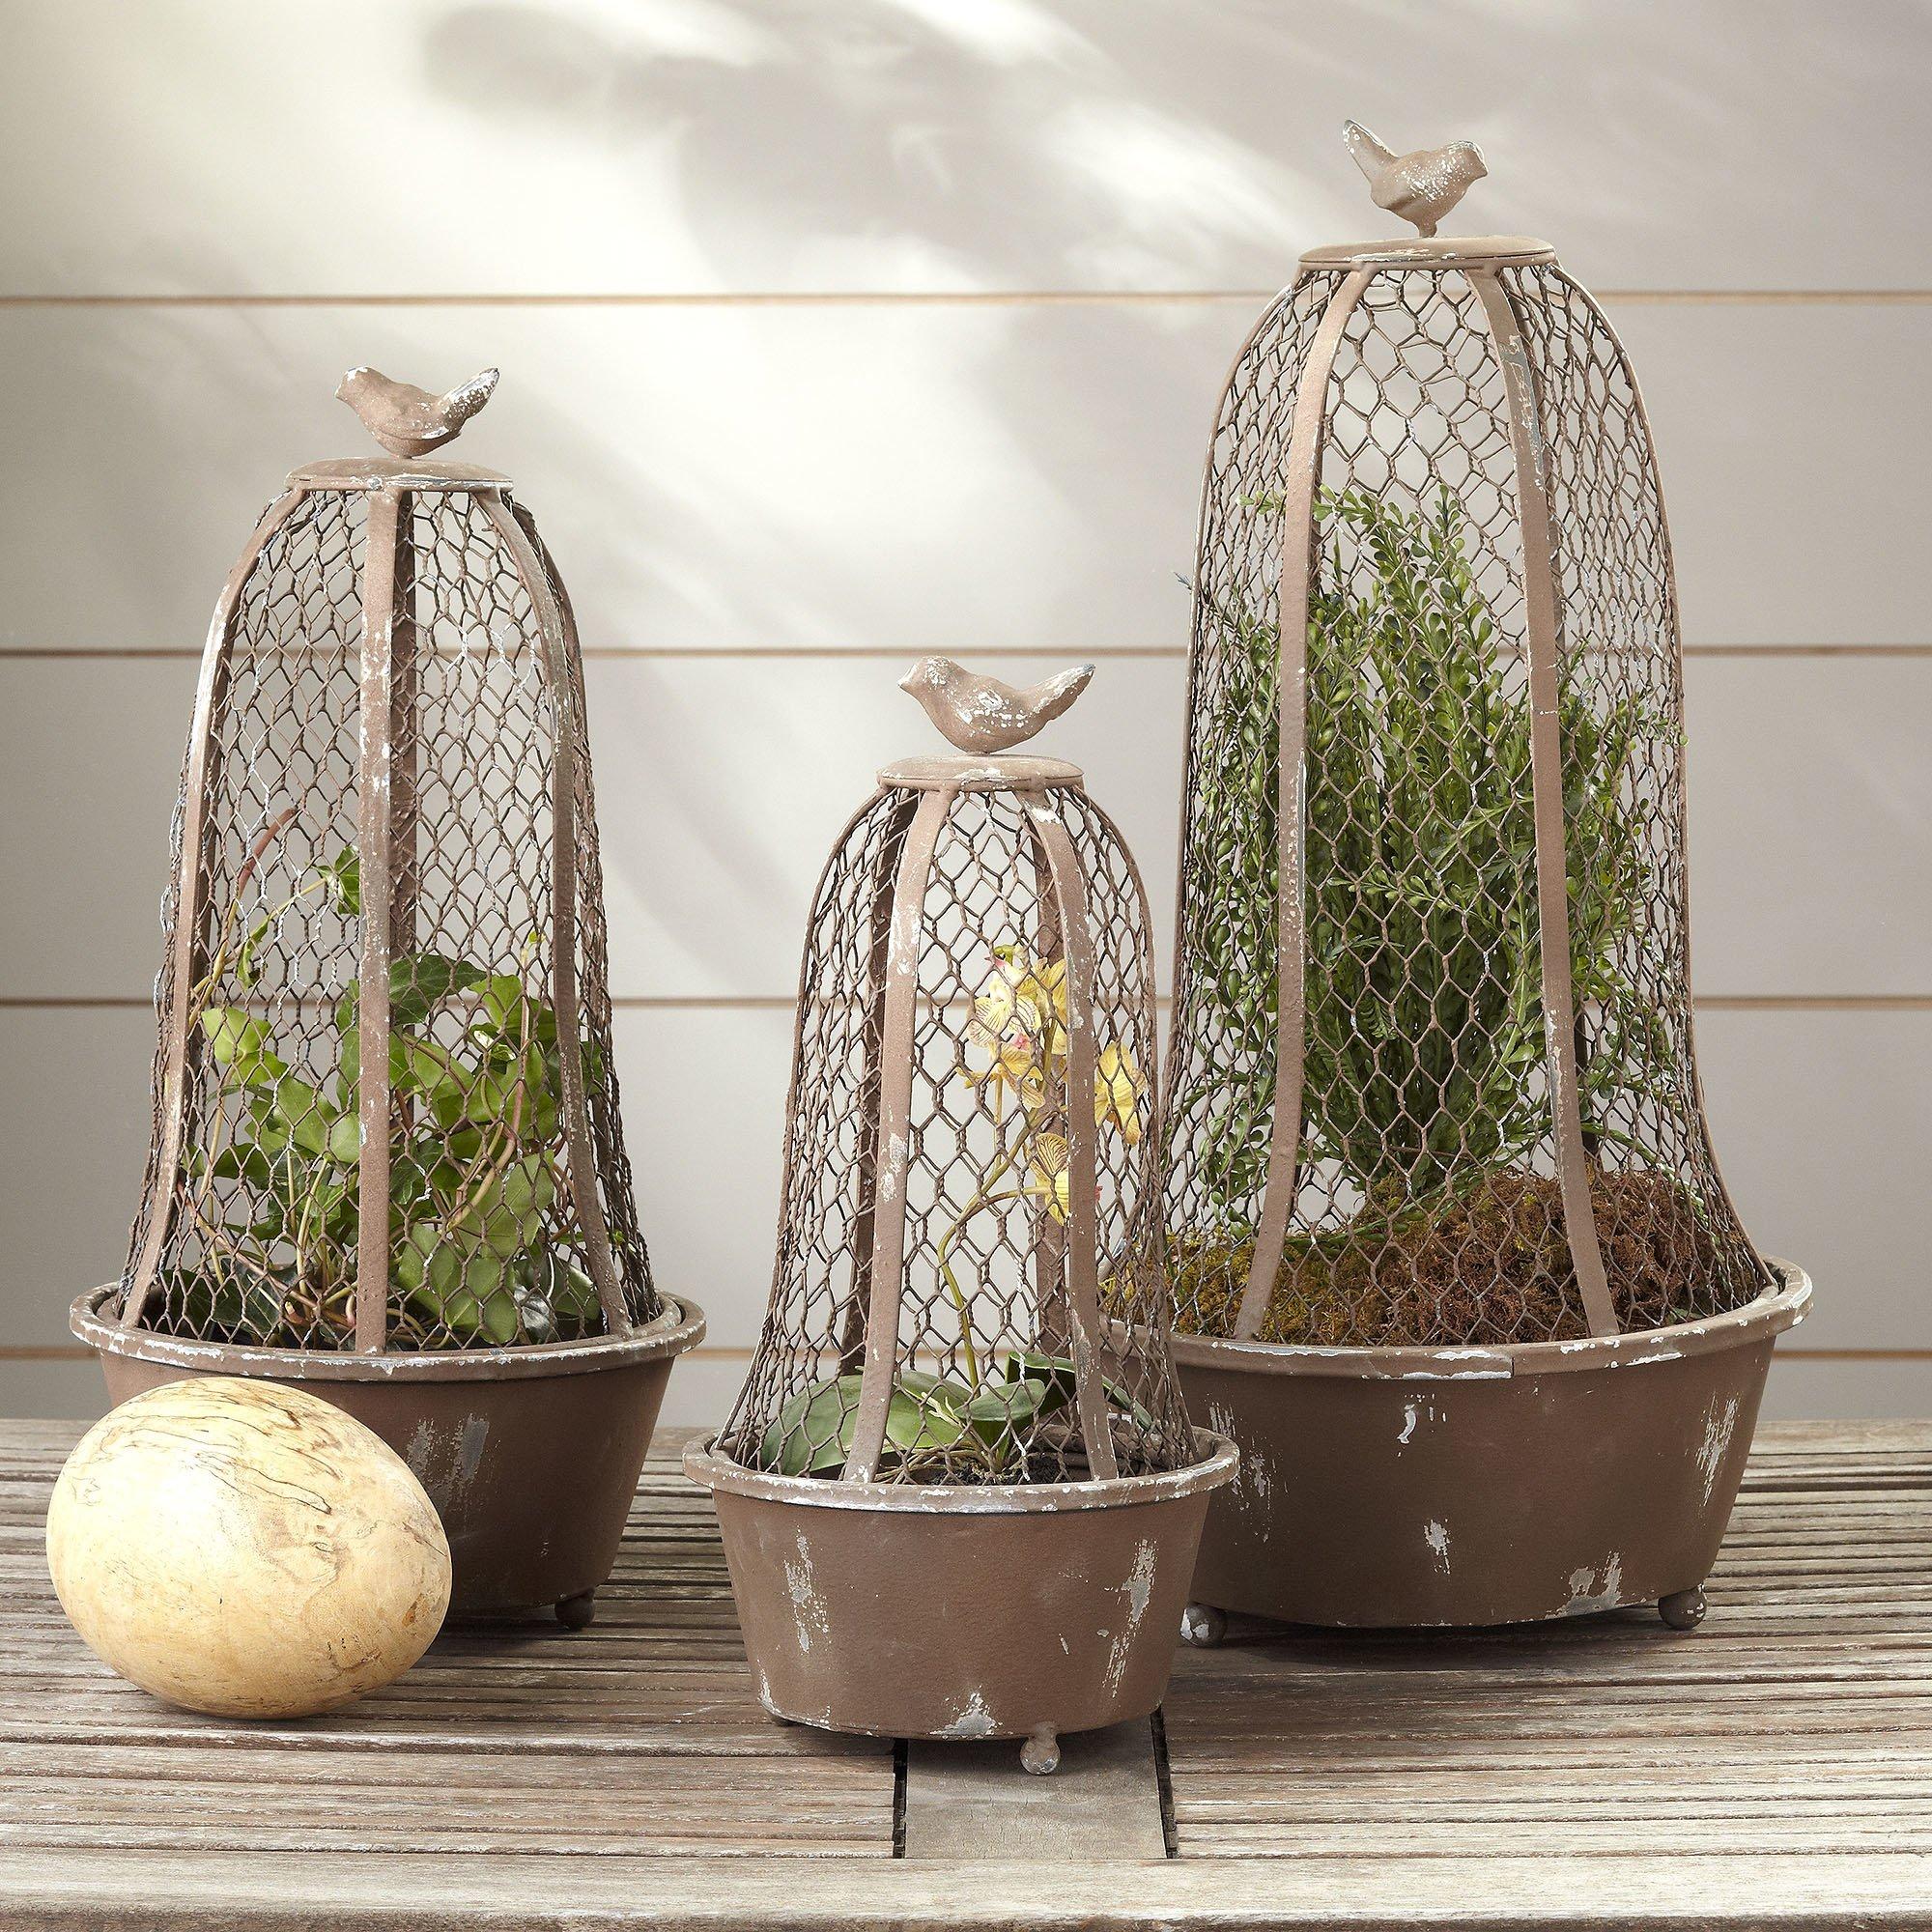 3 Piece Perch Wire Cloche Indoor Outdoor Terrarium Planter Set by Birch Lane